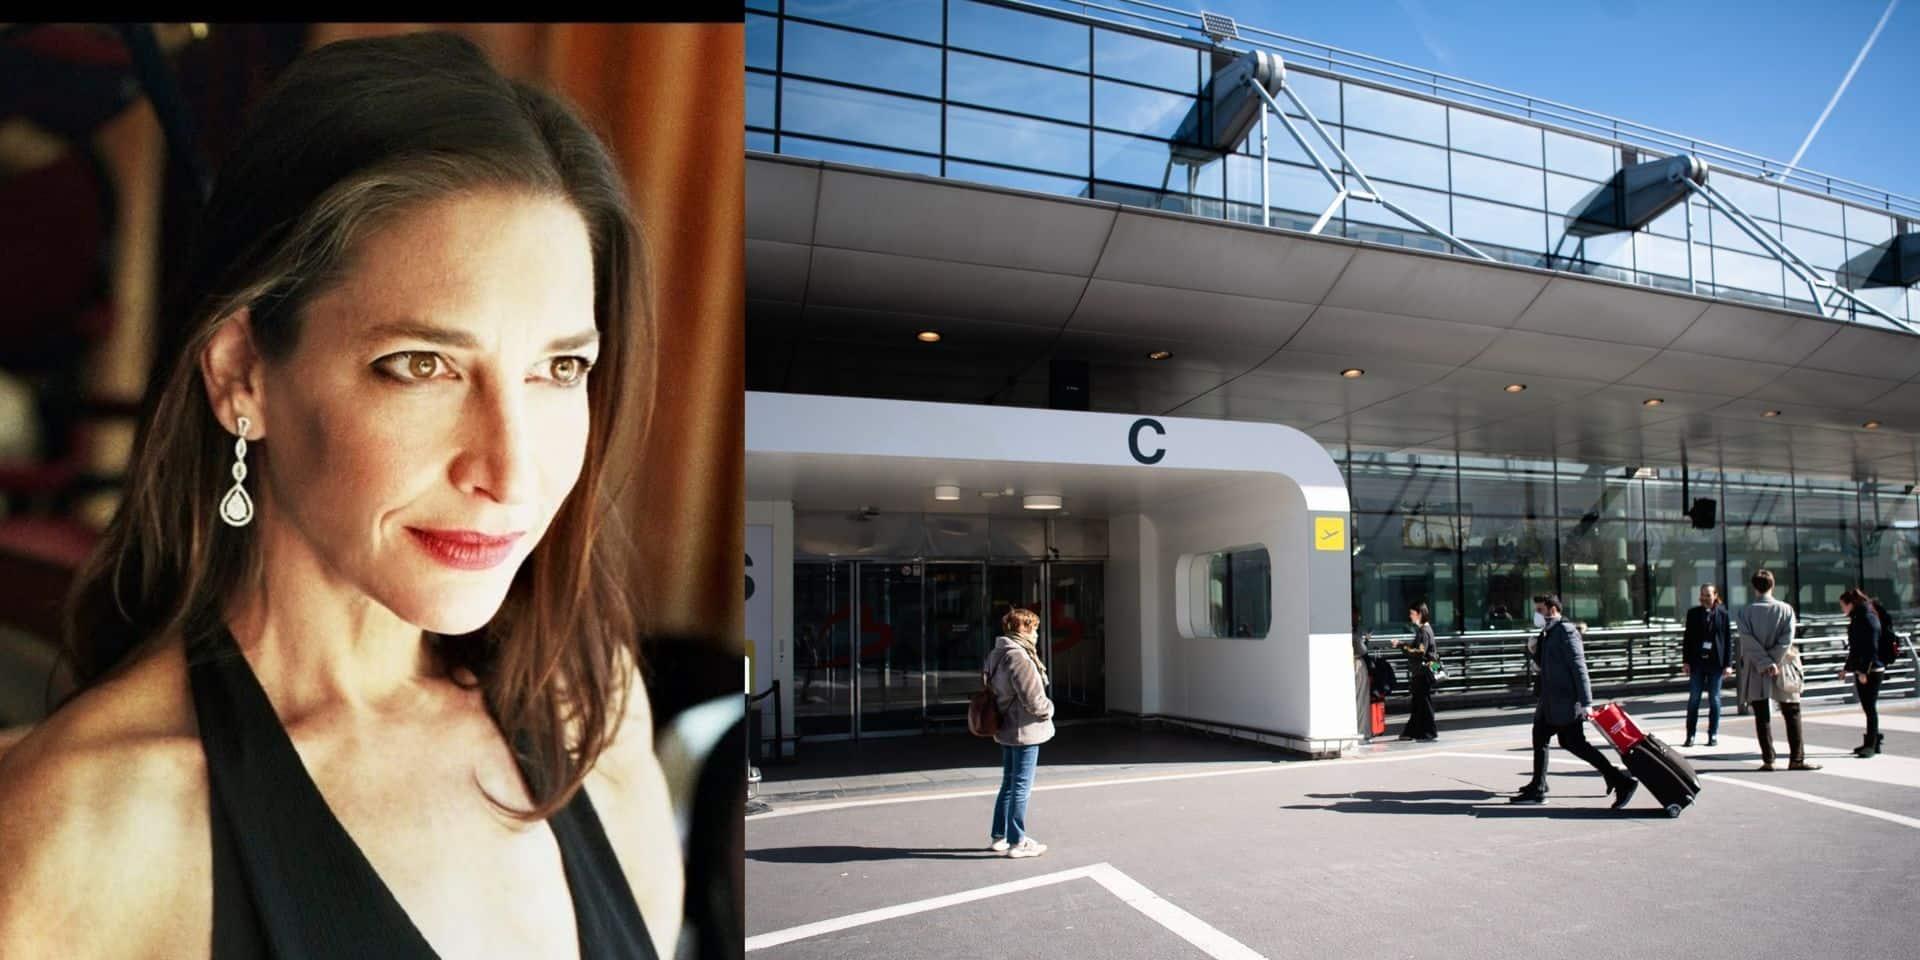 La pianiste israelo-américaine arrêtée dimanche soir à Zaventem a été libérée du centre pour migrants à Steenokkerzeel